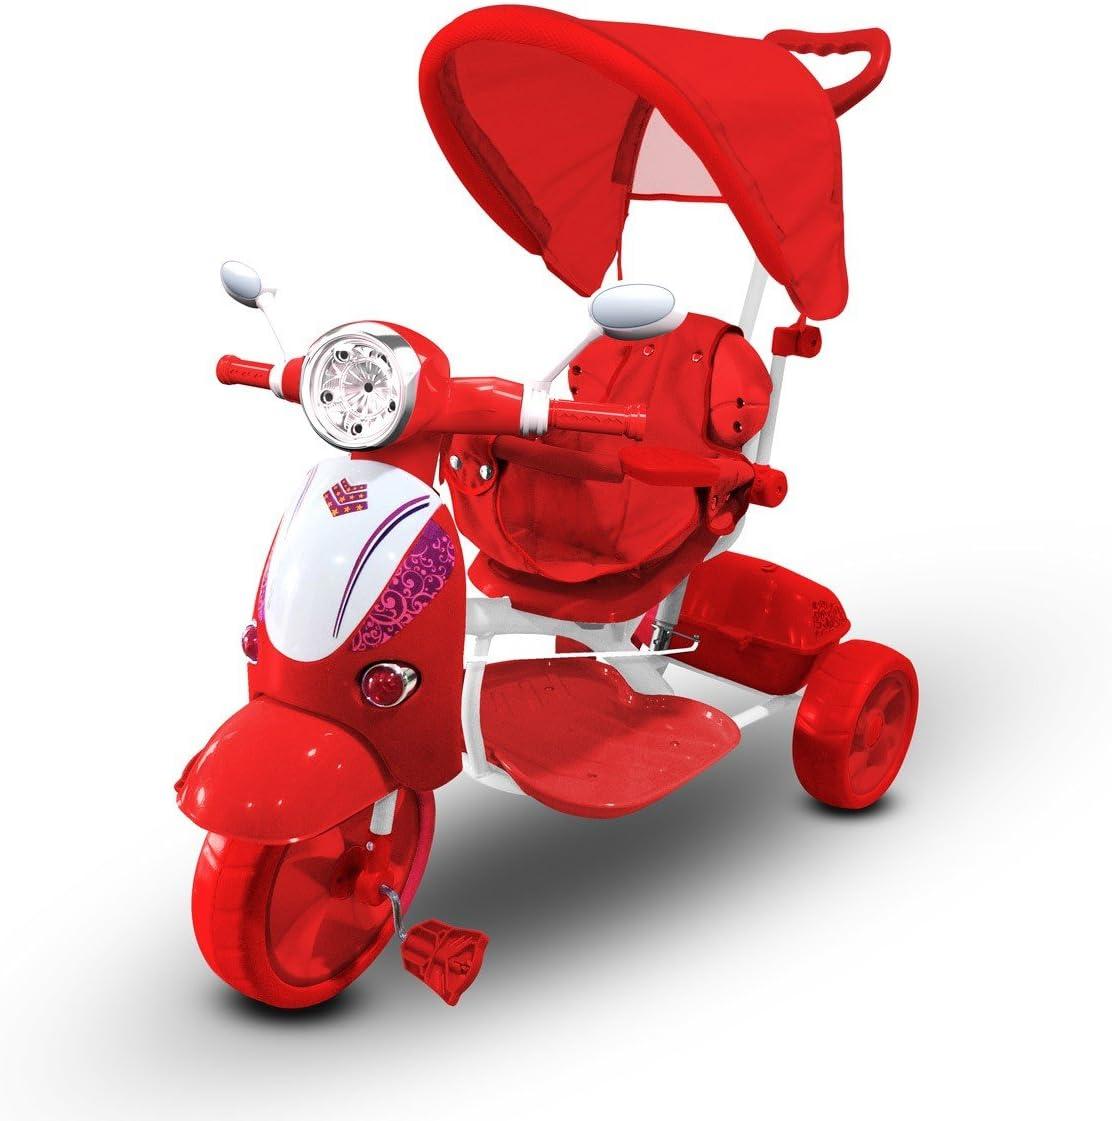 MWS LT 854 Triciclo con Pedales para bebés con3 Canciones integradas en Capota (Rojo)